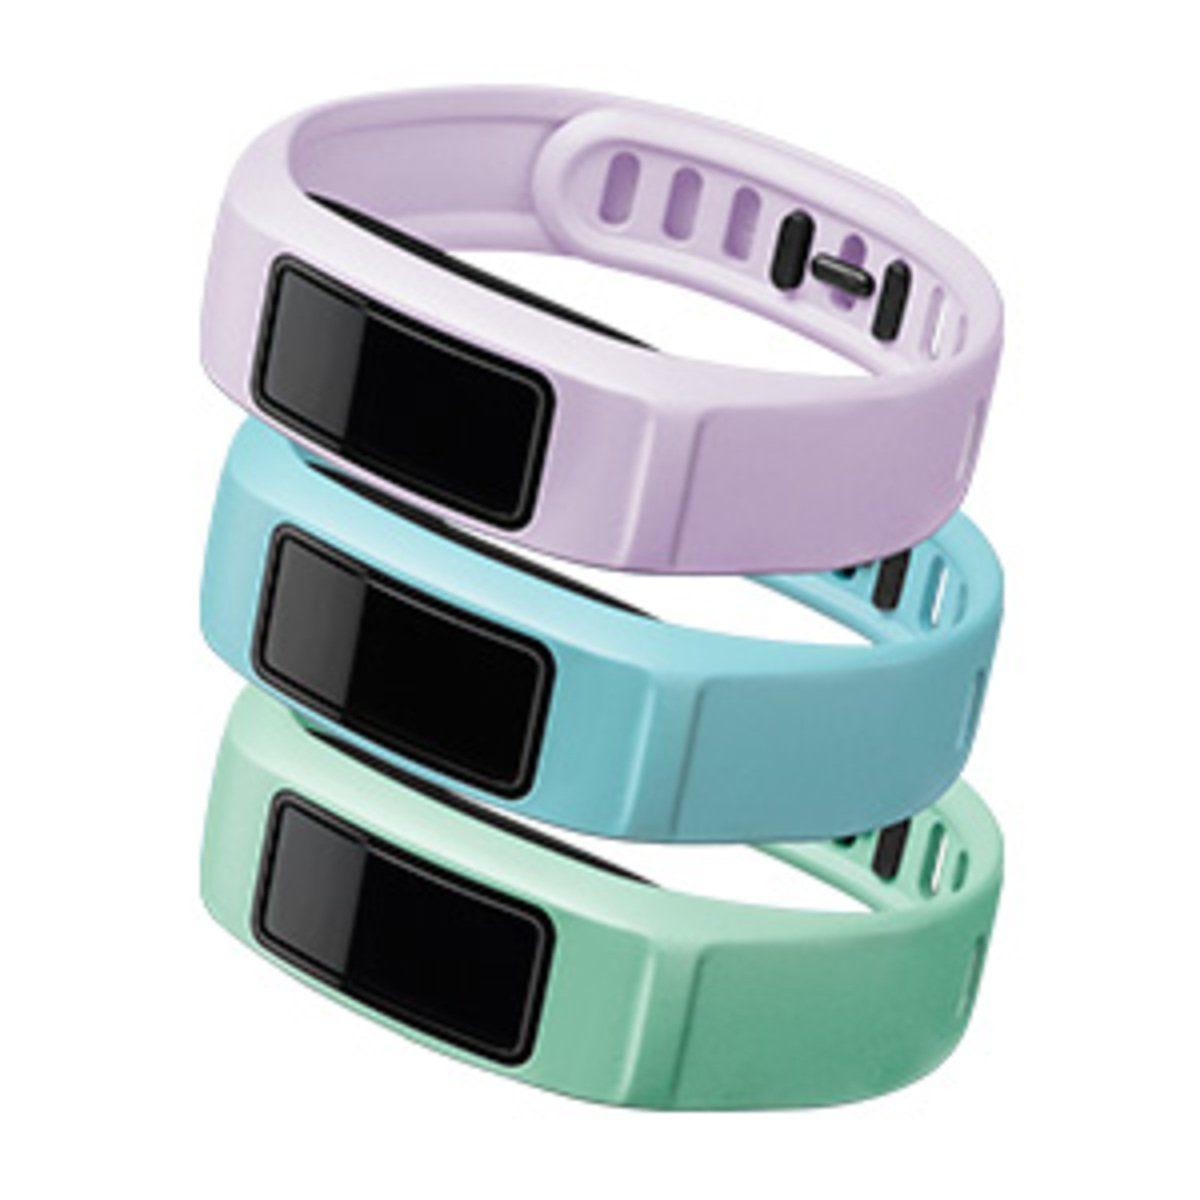 Garmin Ersatzarmbänder »Armbänder vivofit 2 - Mint, Hellblau, Lila (S)«